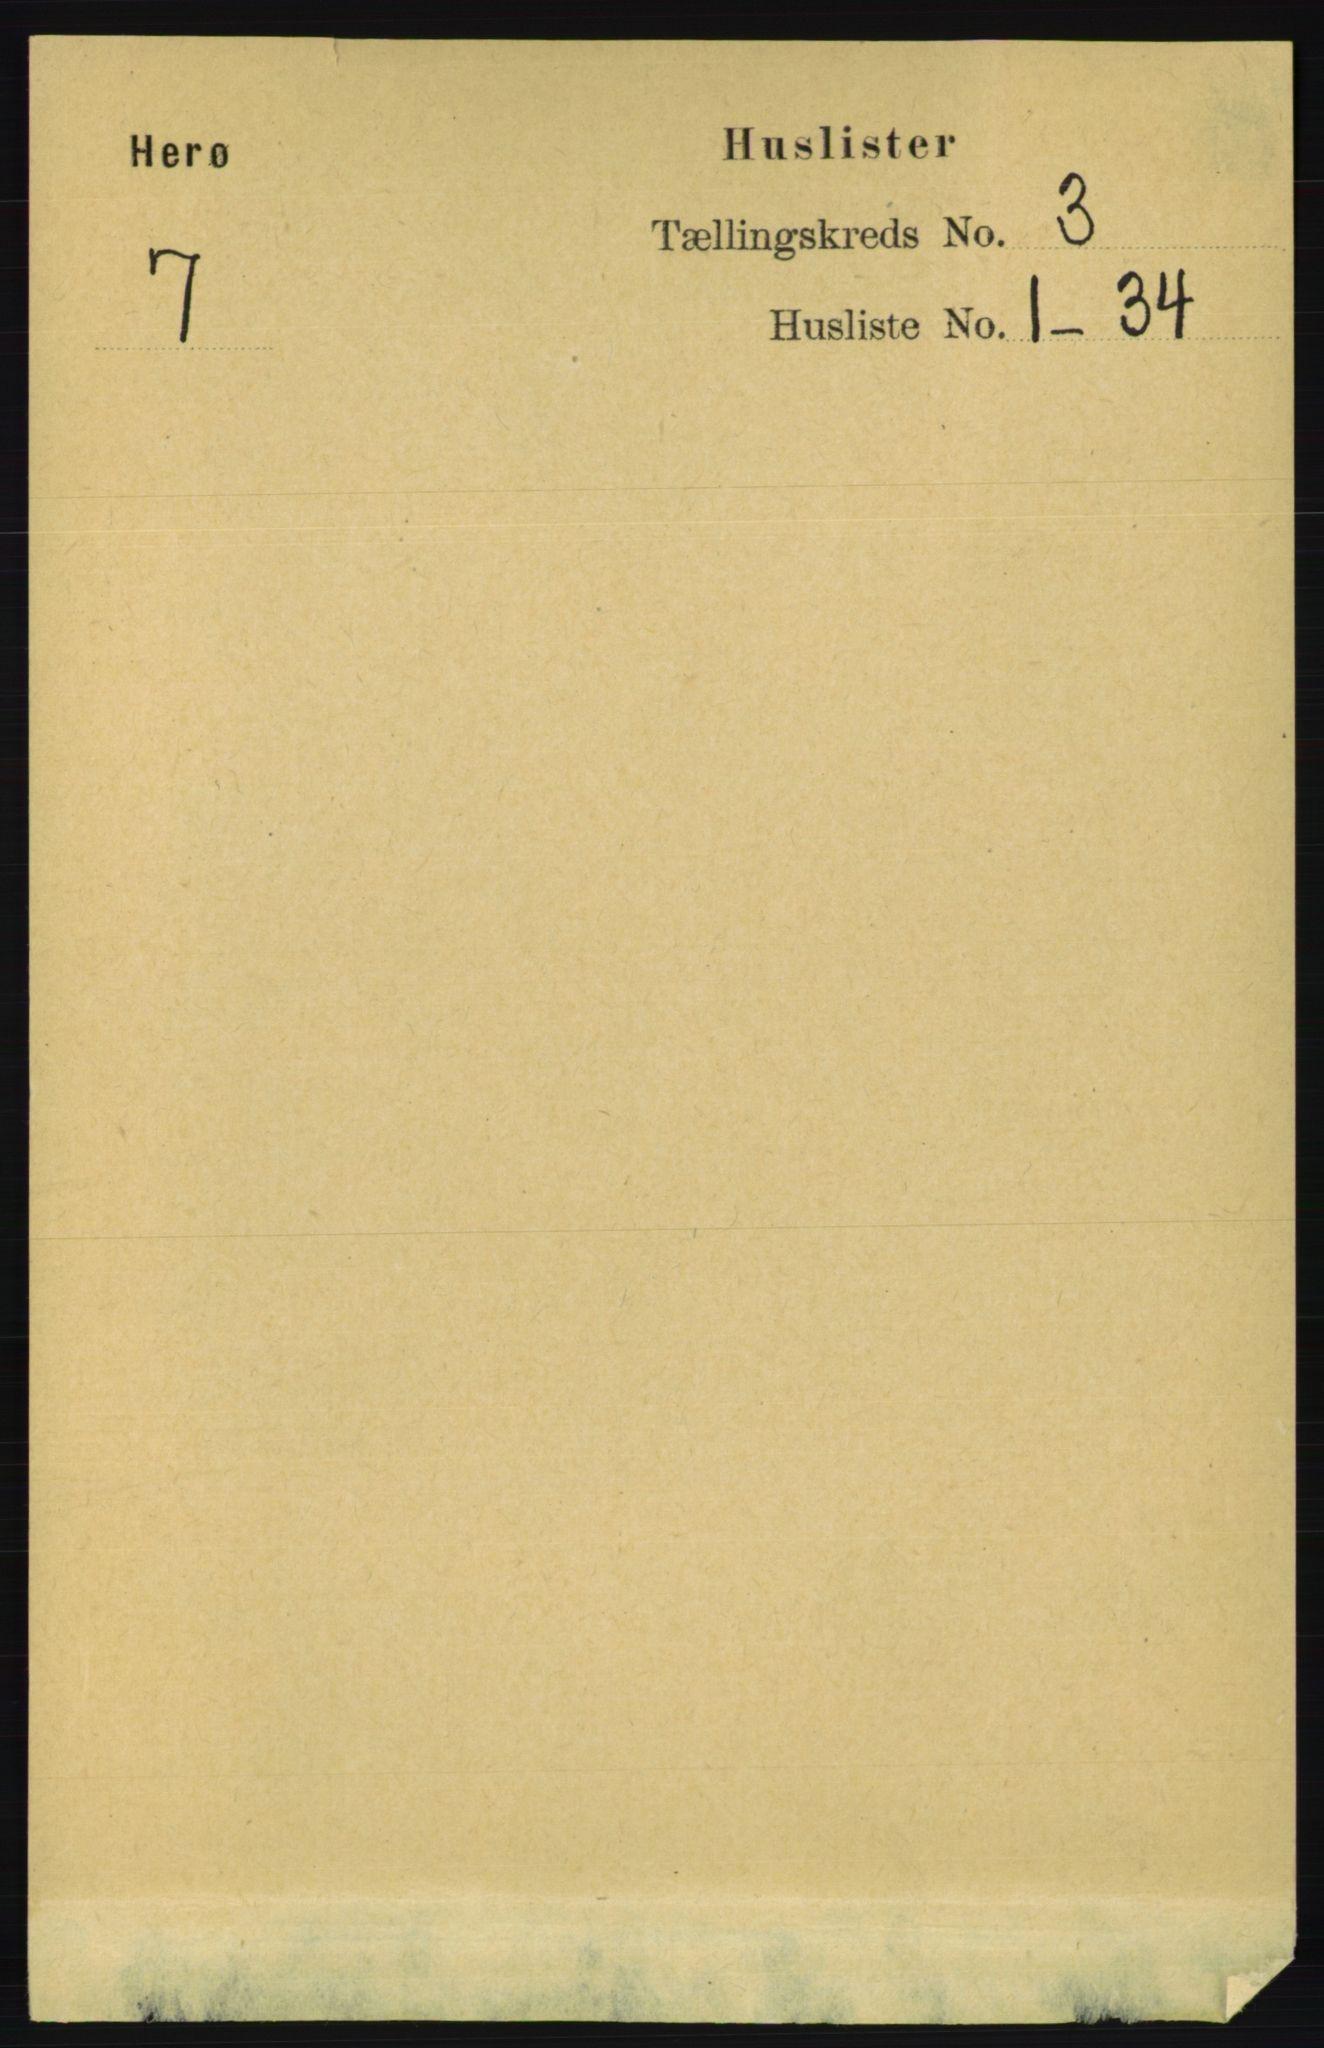 RA, Folketelling 1891 for 1818 Herøy herred, 1891, s. 582